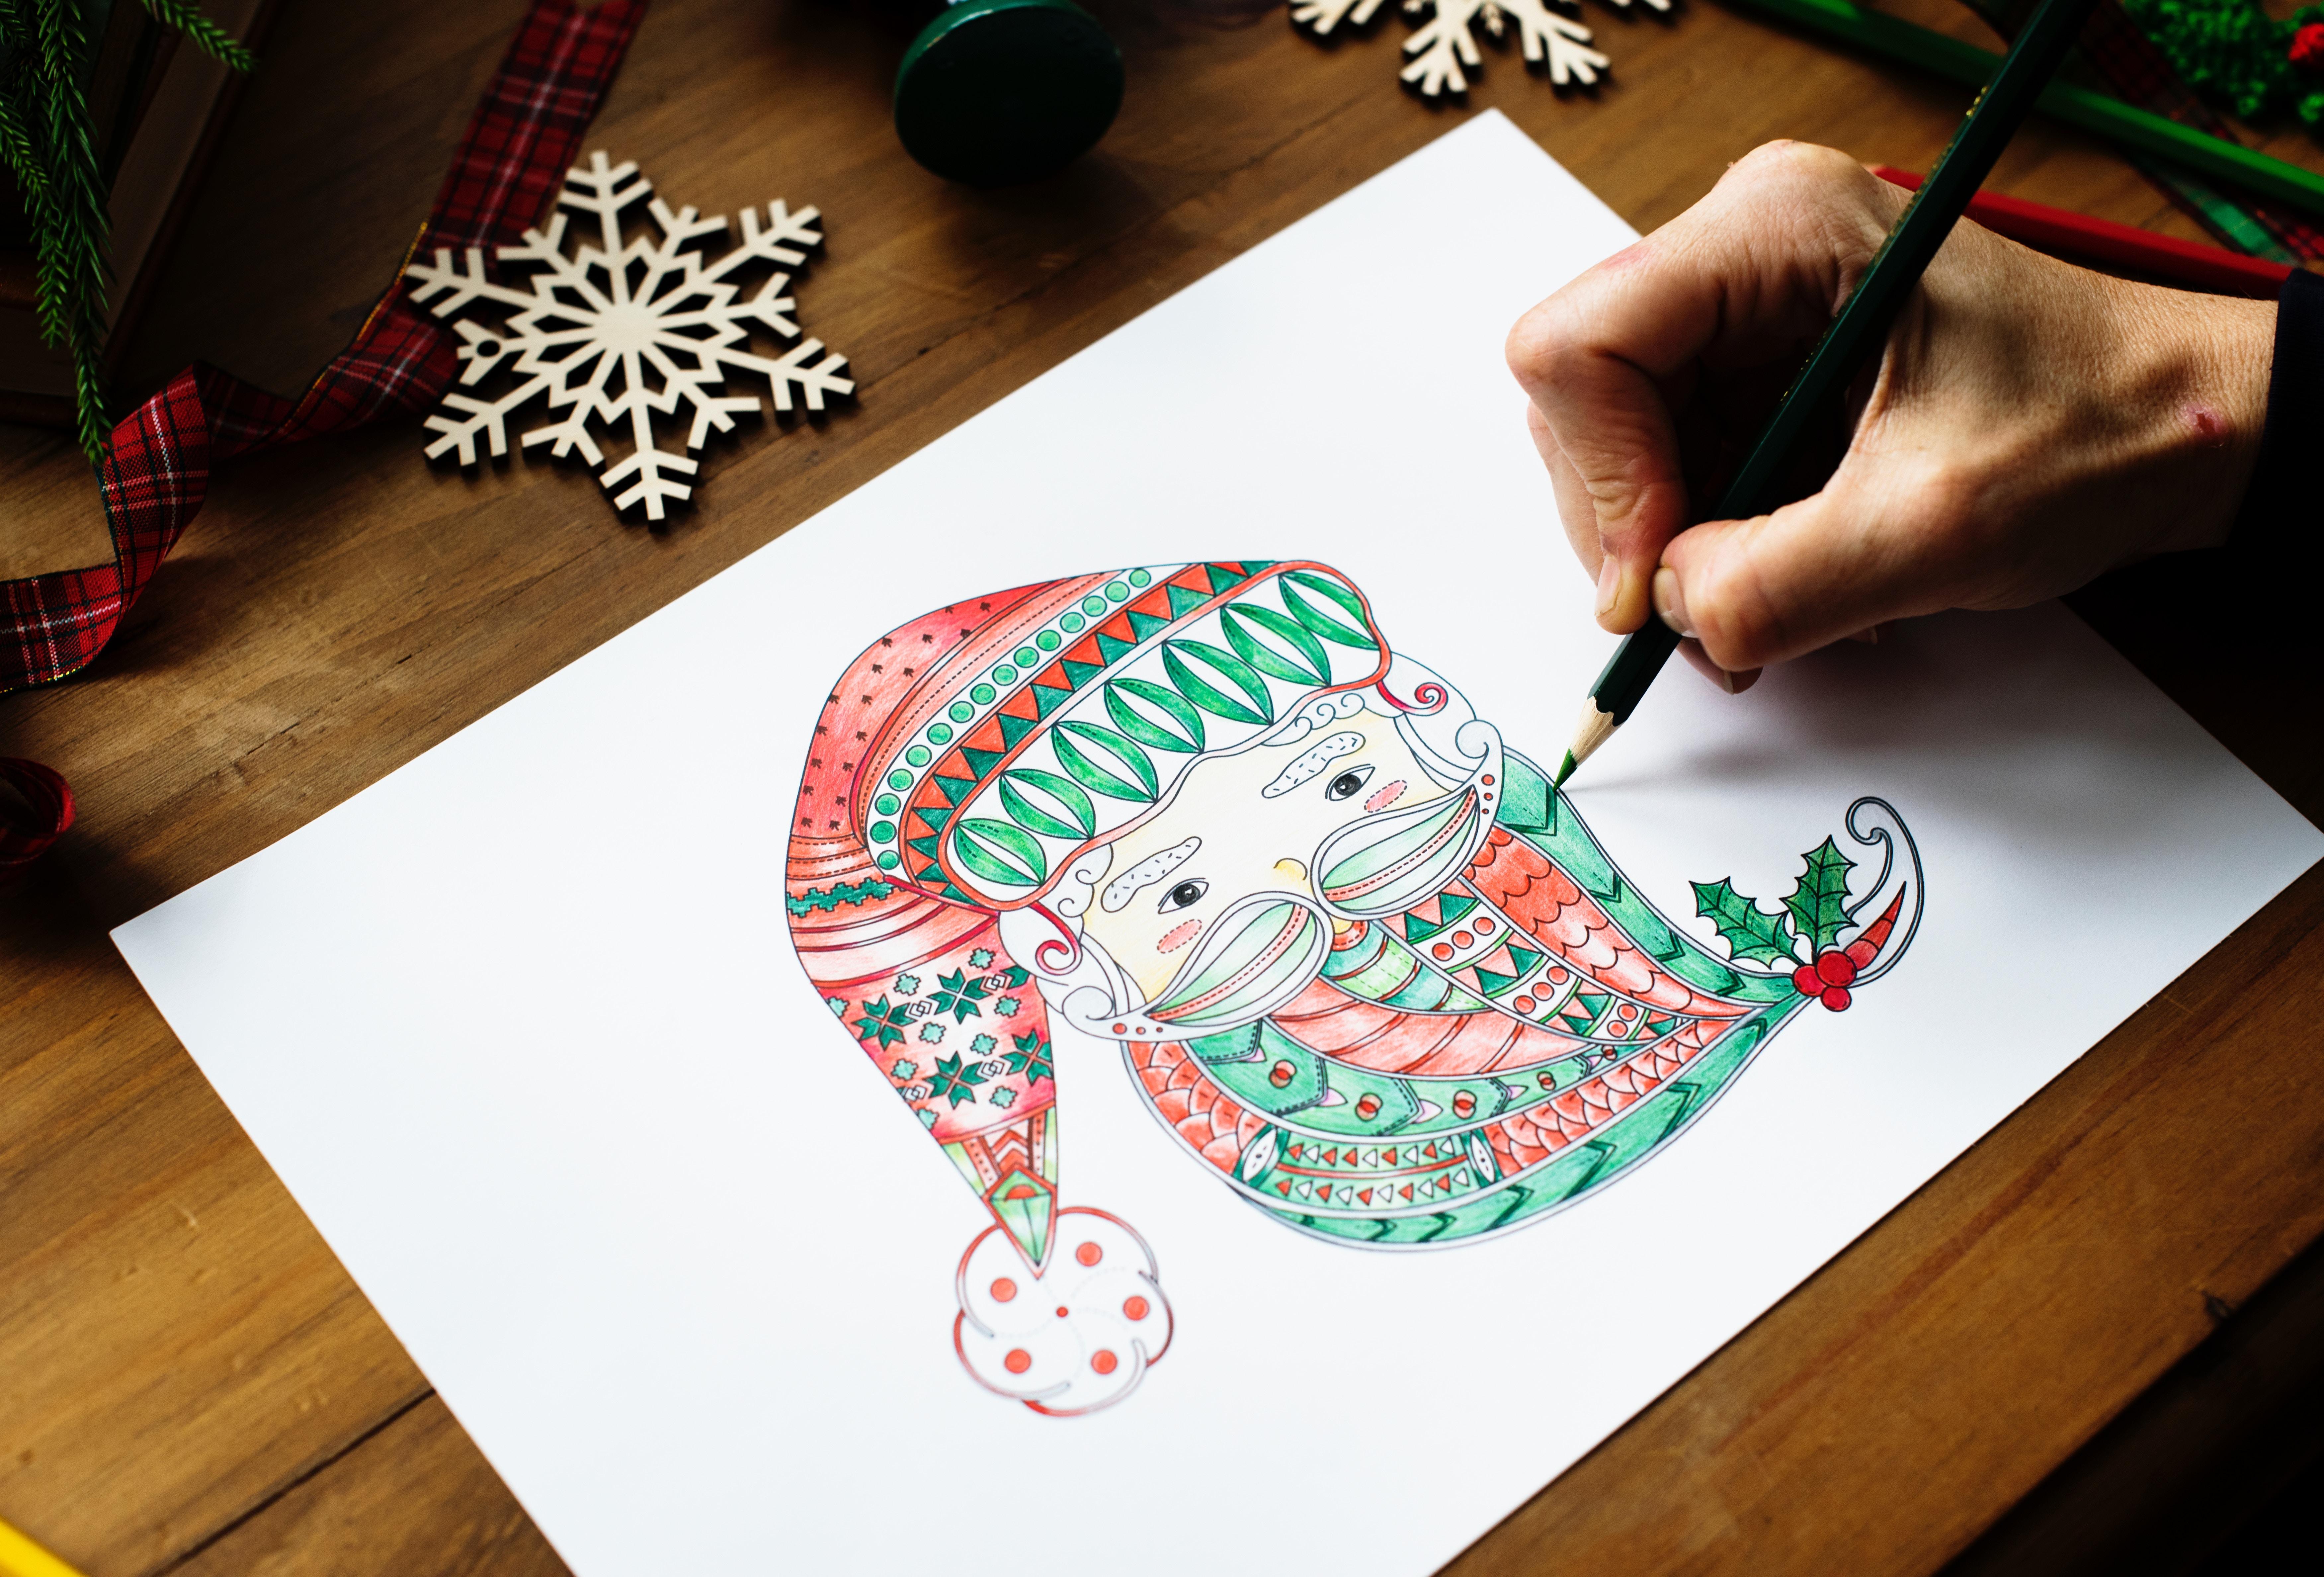 djed mraz projekt ukrašabvanje crtanje božić